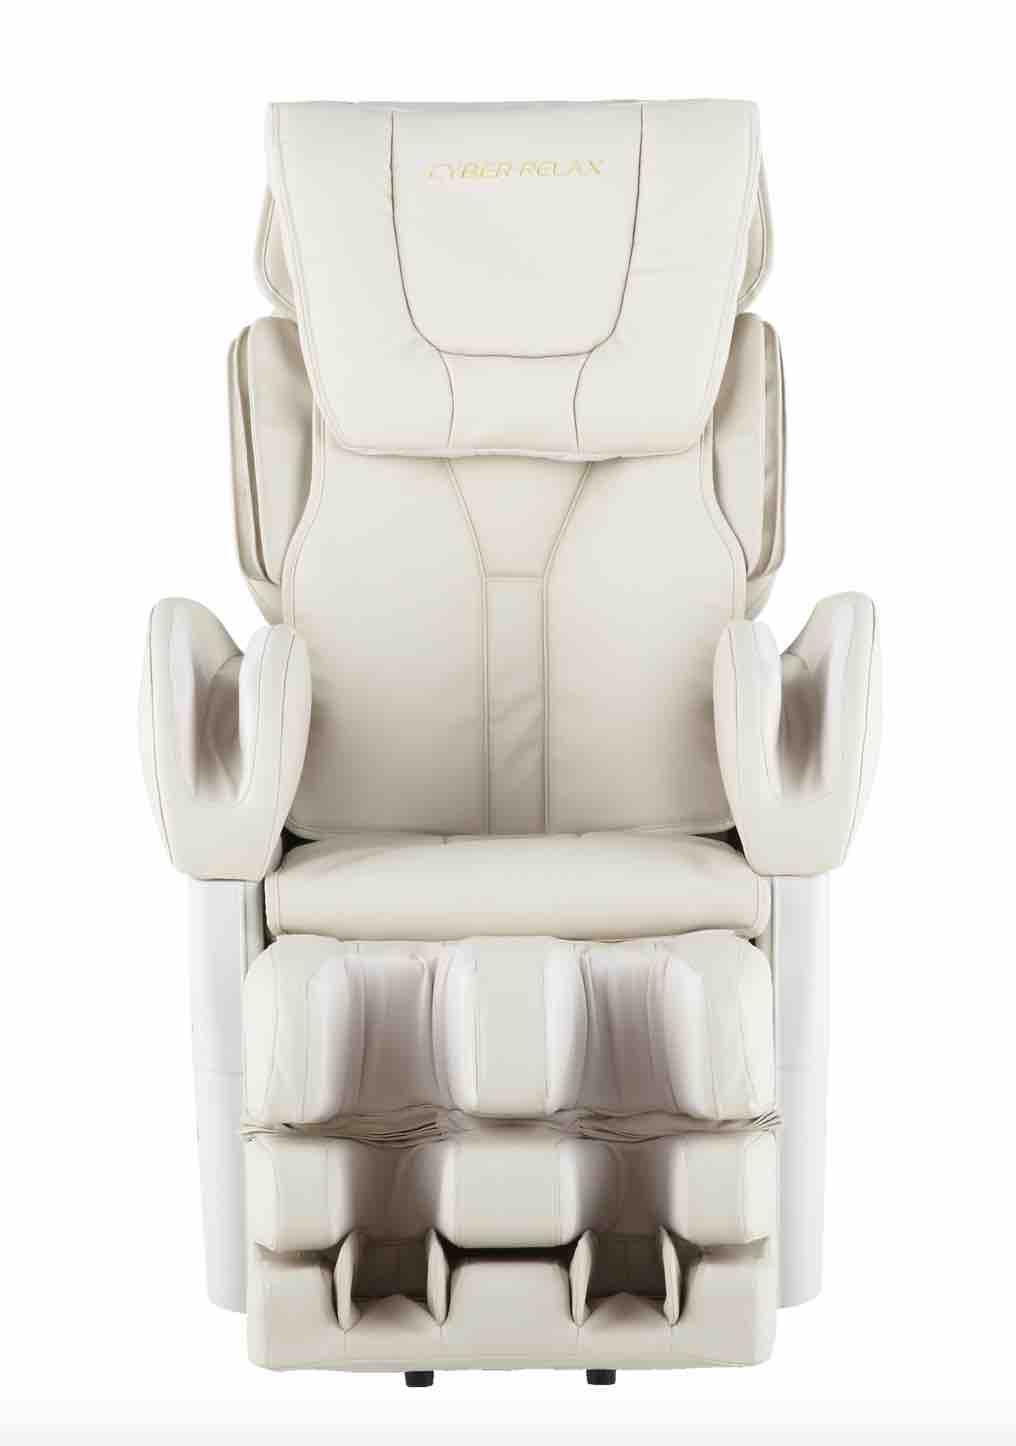 Fauteuil de massage Fujiiryoki EC 3800 5